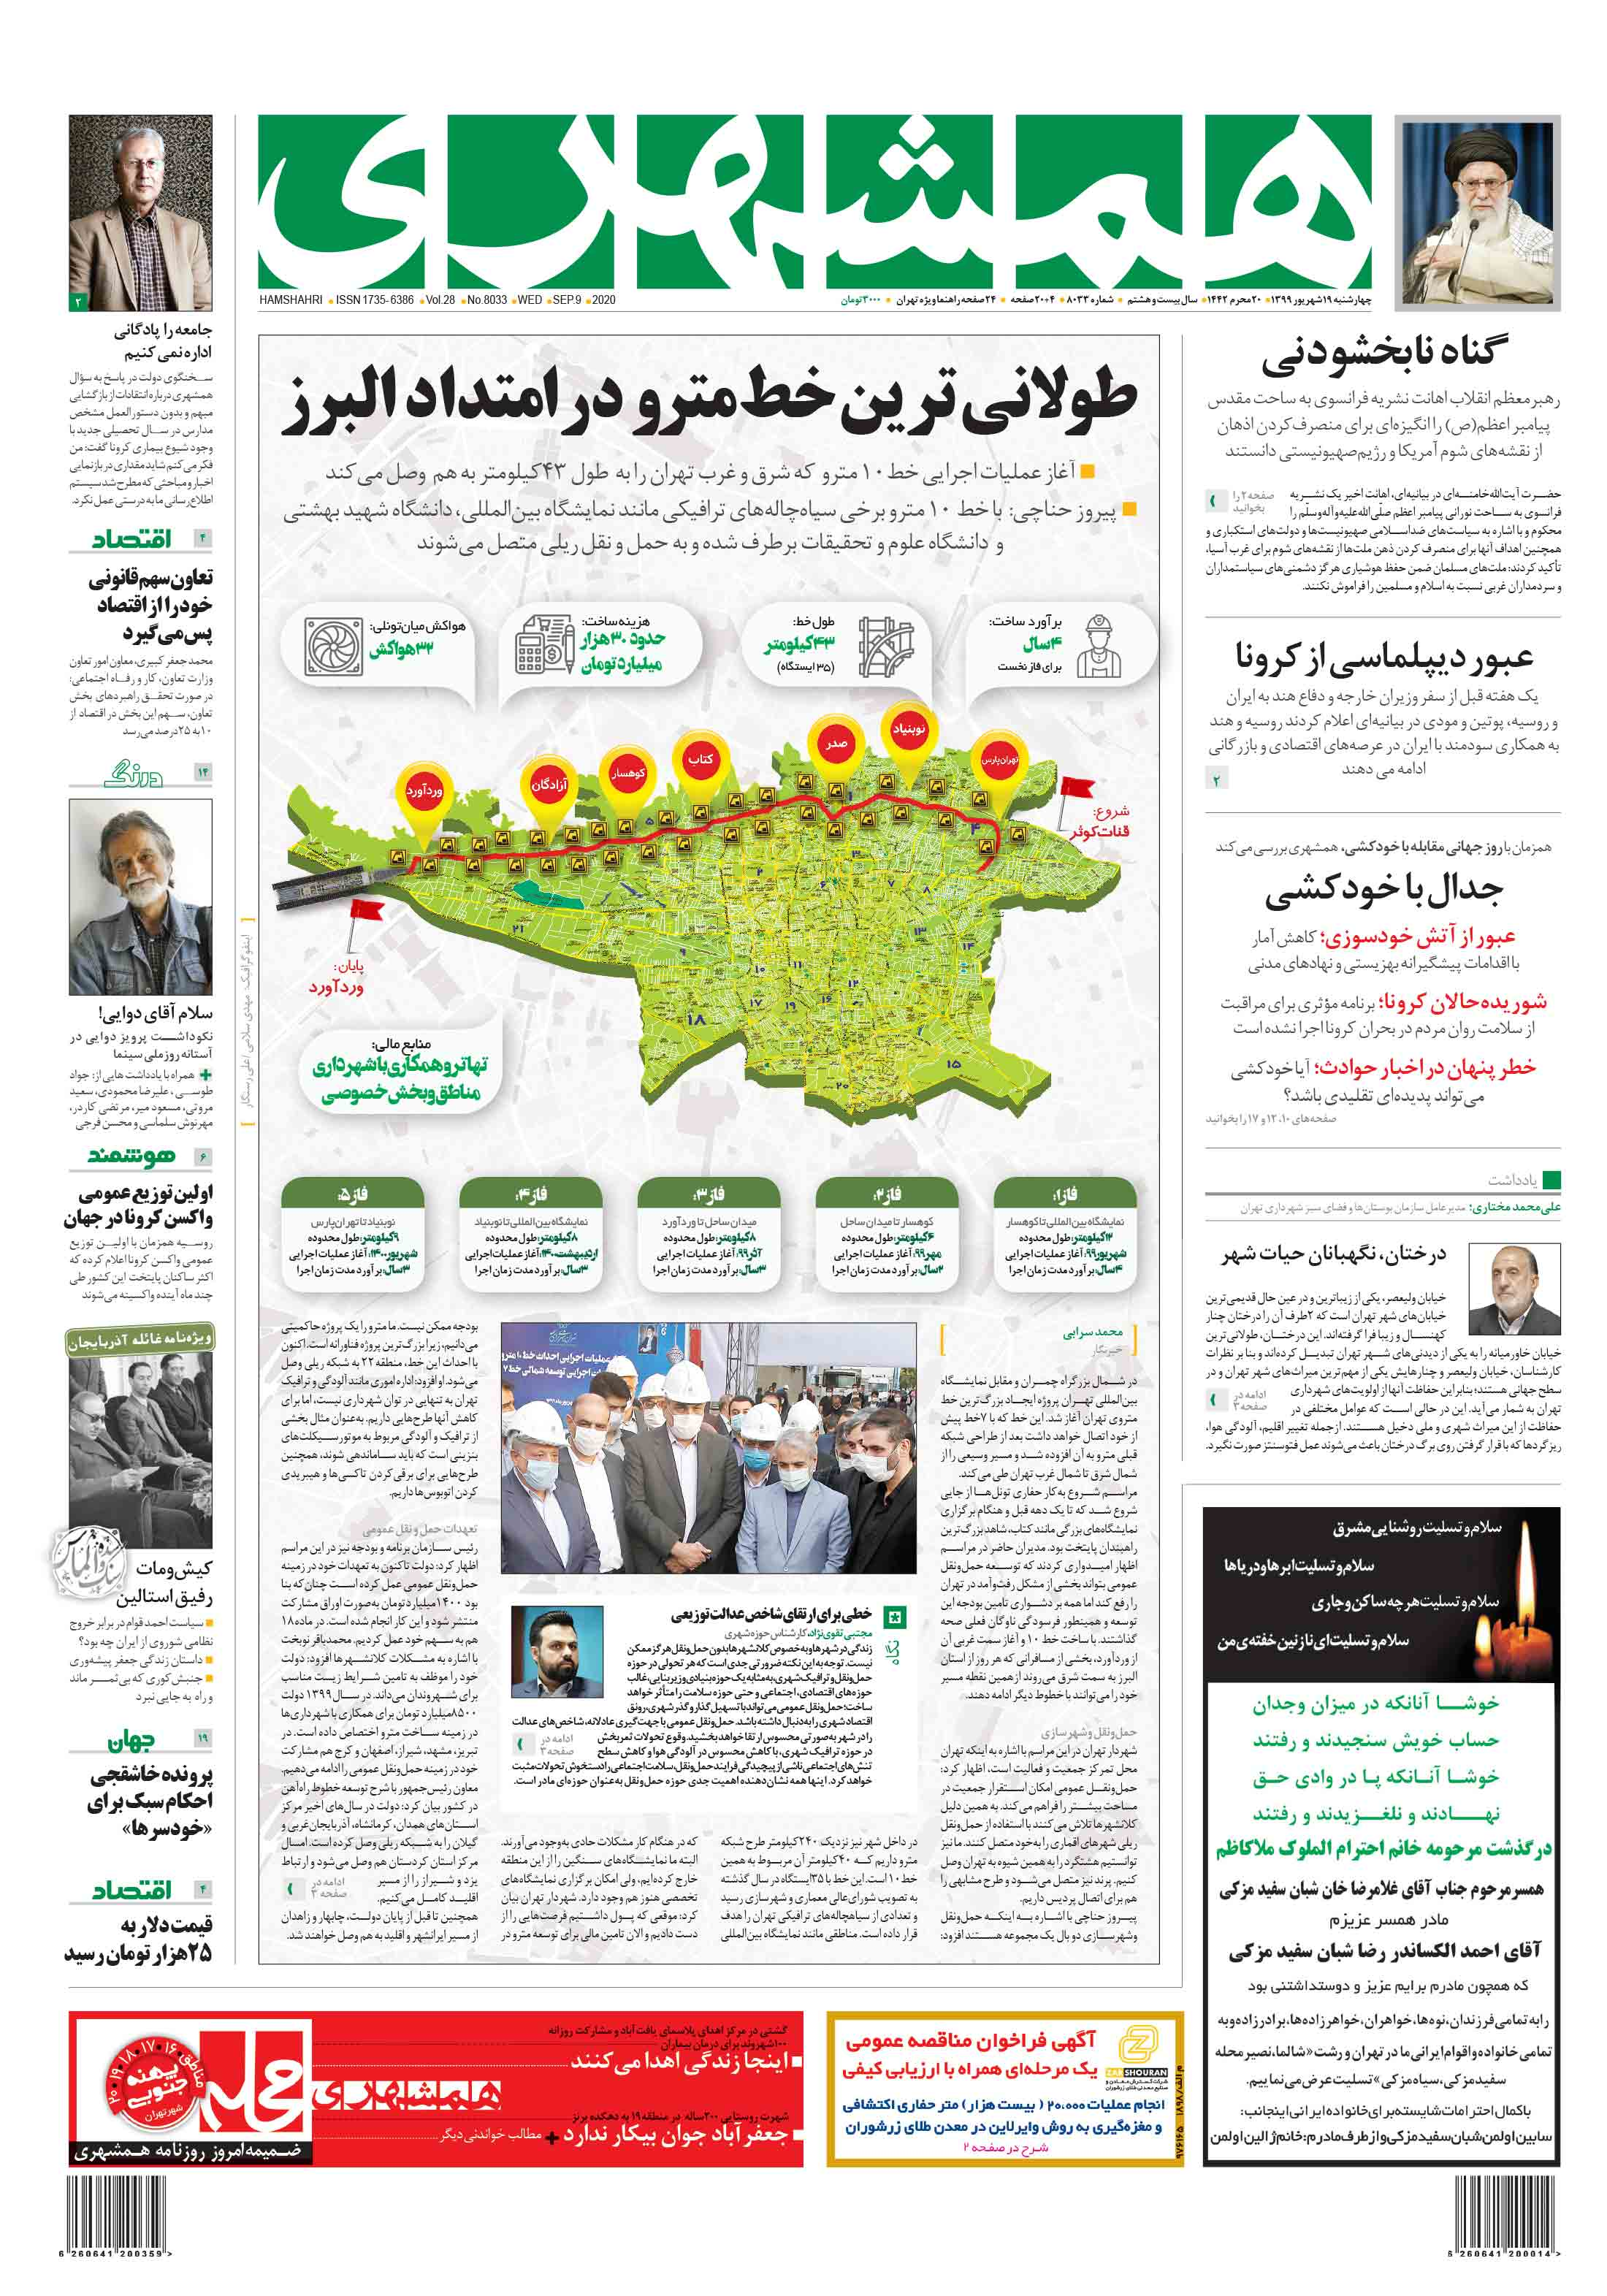 صفحه اول چهارشنبه 19 شهریور 1399